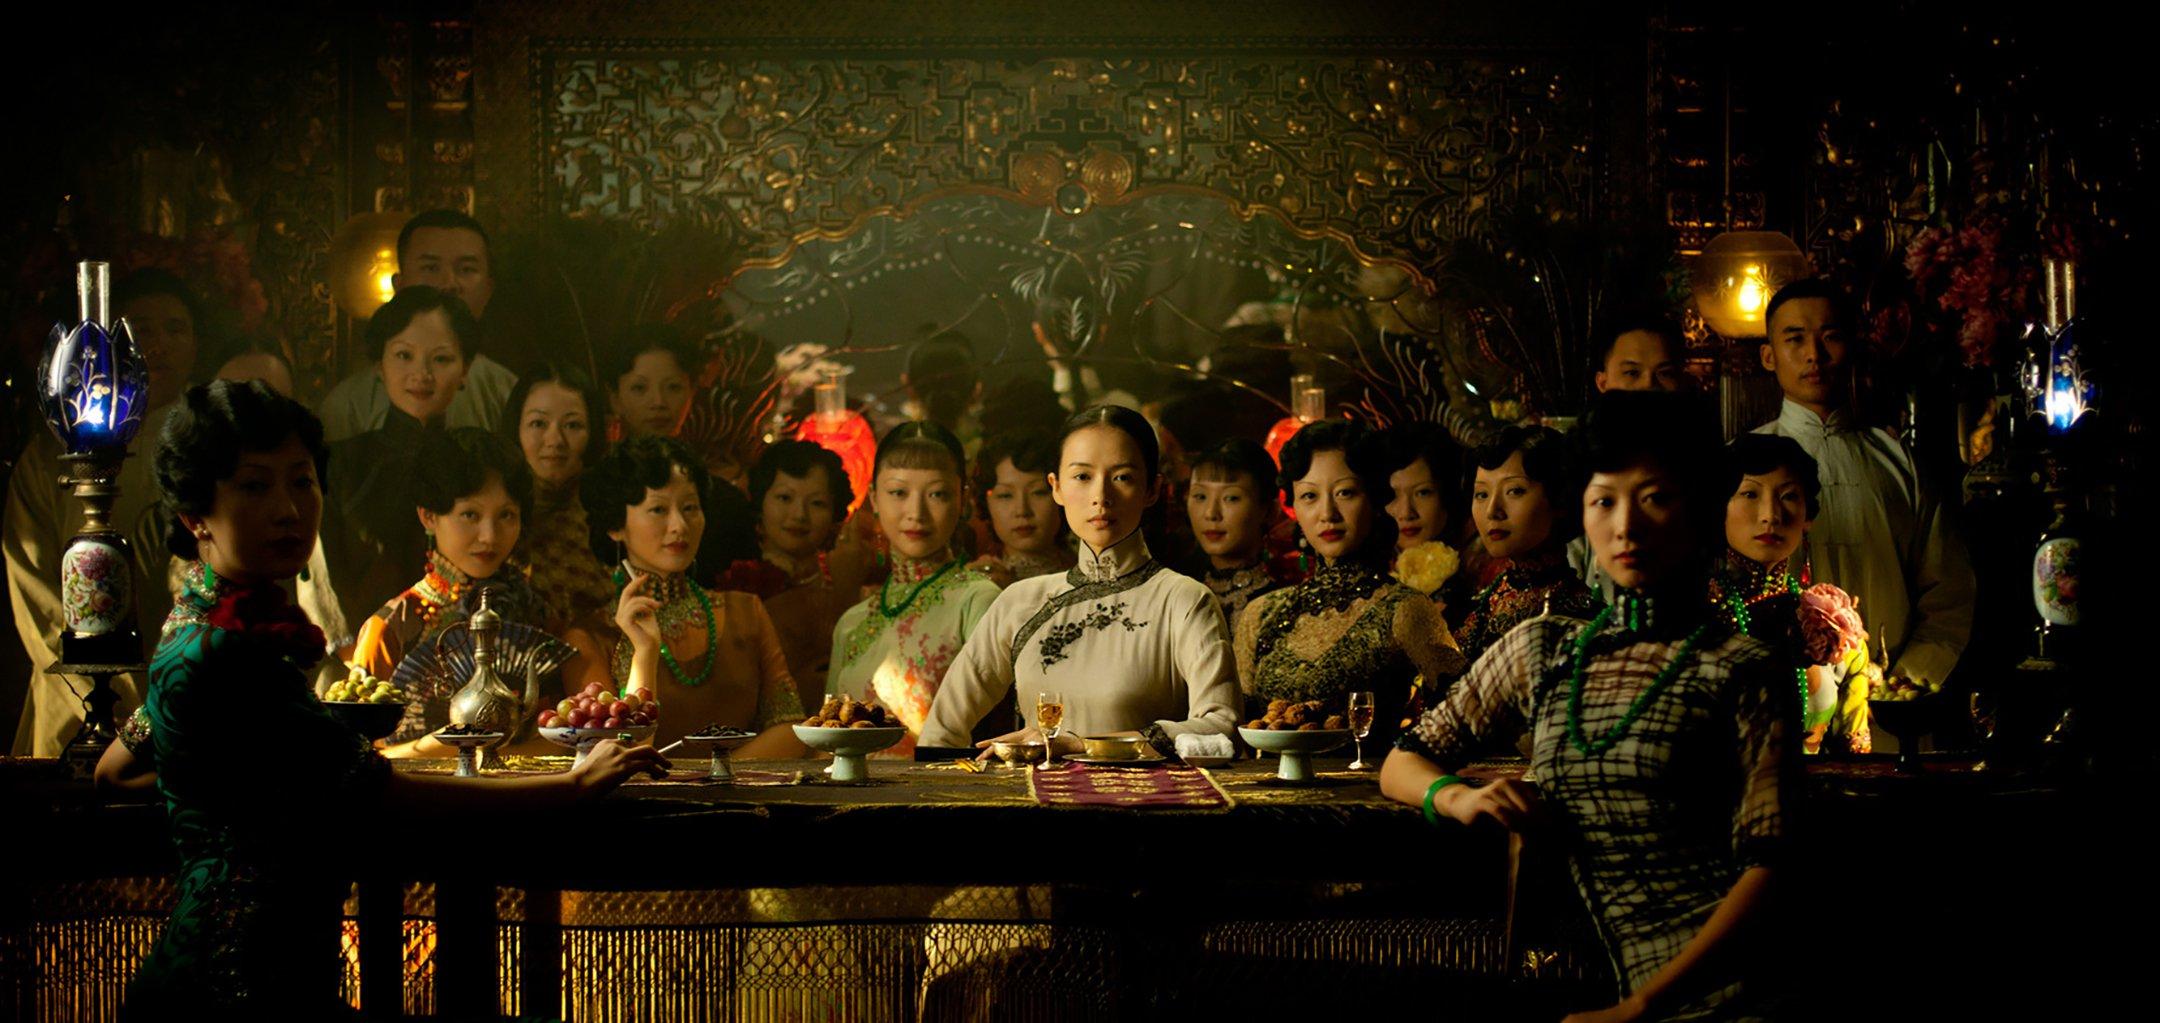 Zhang Ziyi in The Grandmaster